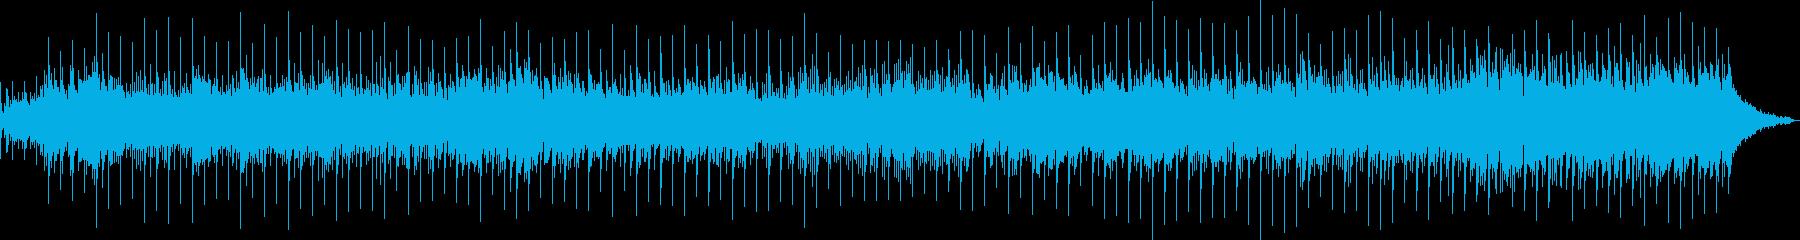 神秘的なエキゾチックサウンドの再生済みの波形